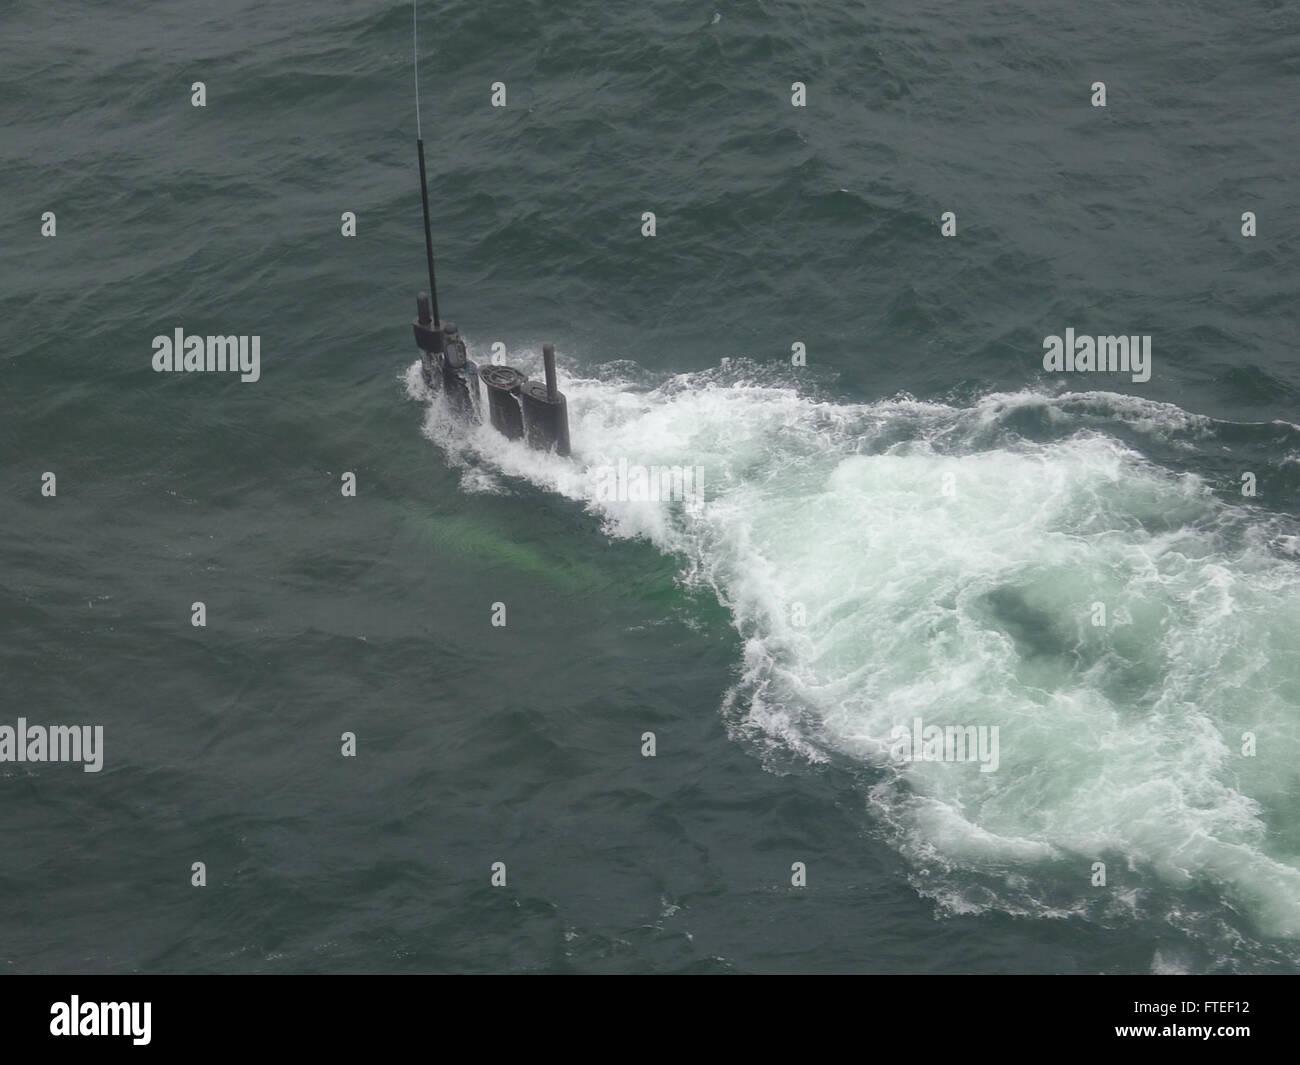 140614-N-ZZNNN-021: submarino alemán U31 superficies tras la finalización de un ejercicio de entrenamiento Imagen De Stock